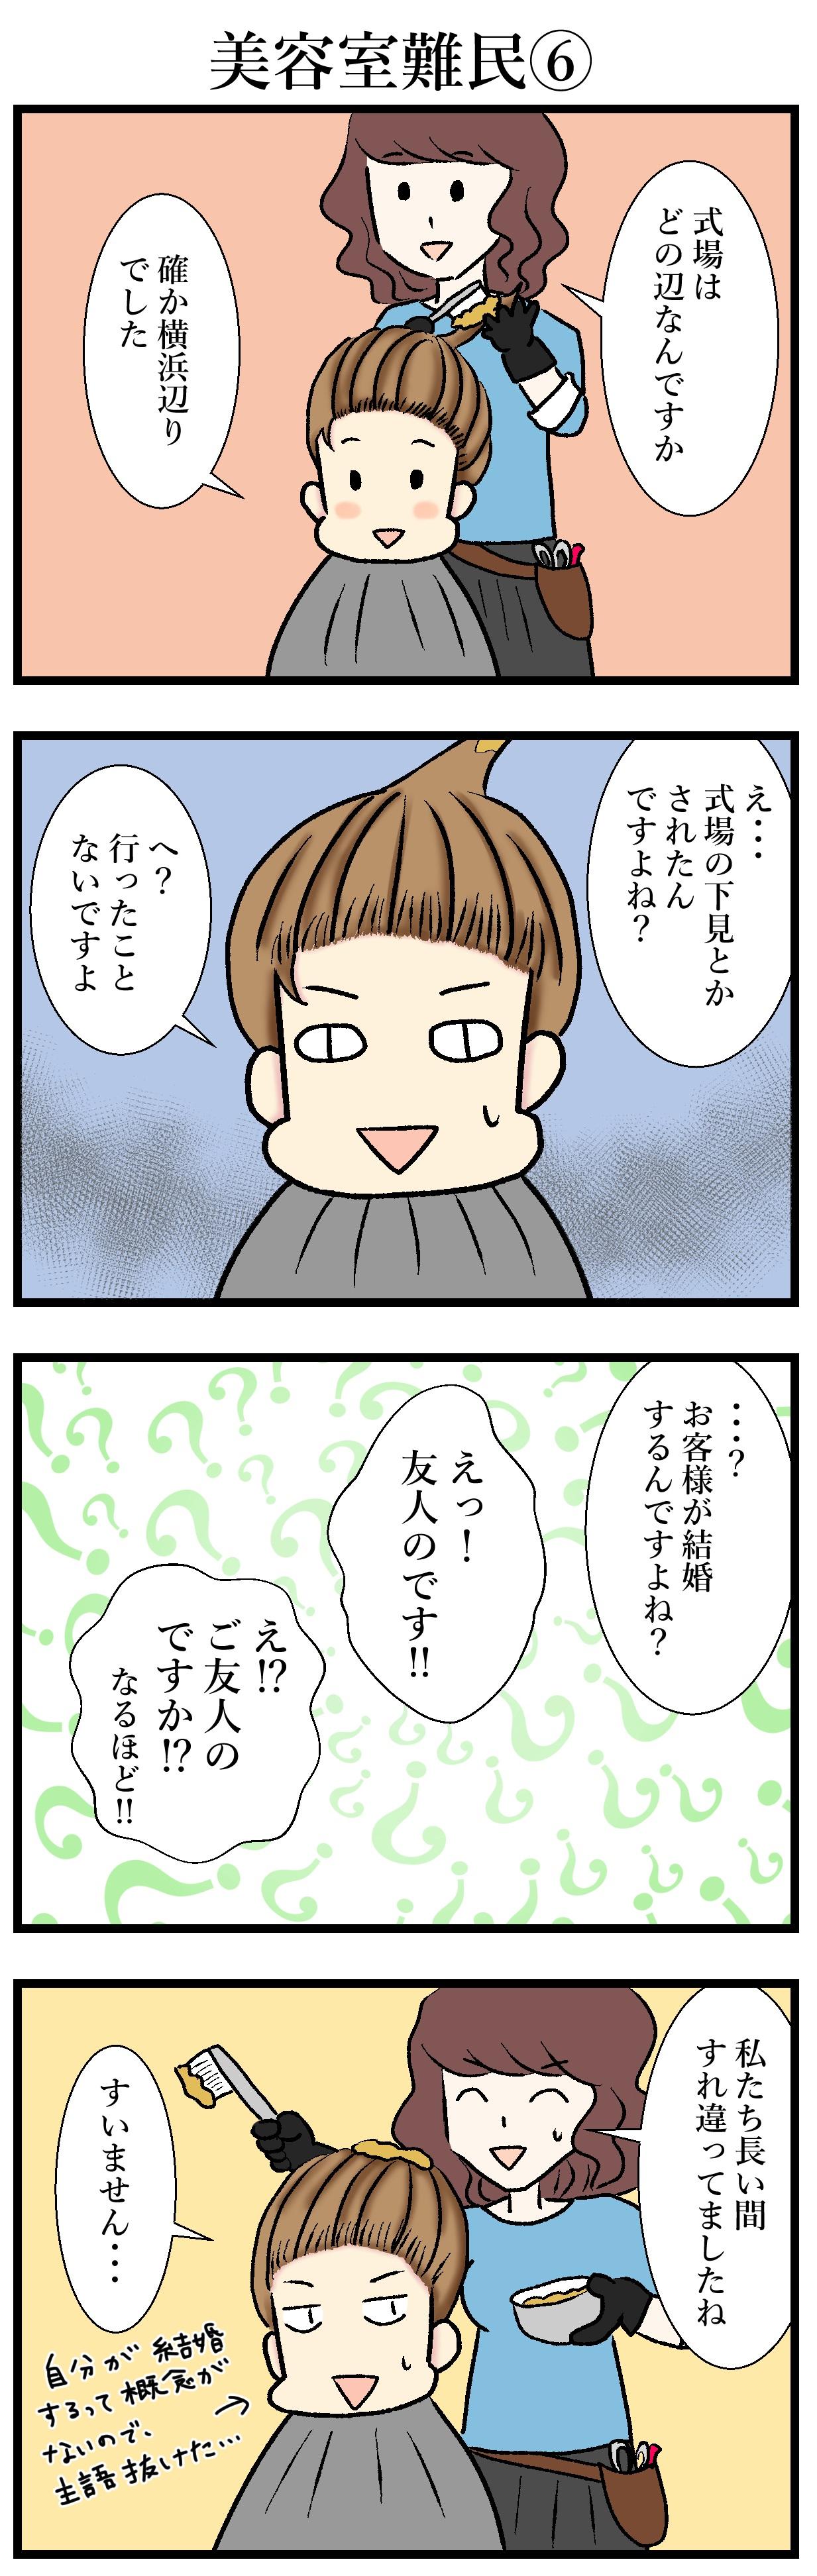 【エッセイ漫画】アラサー主婦くま子のふがいない日常(13)